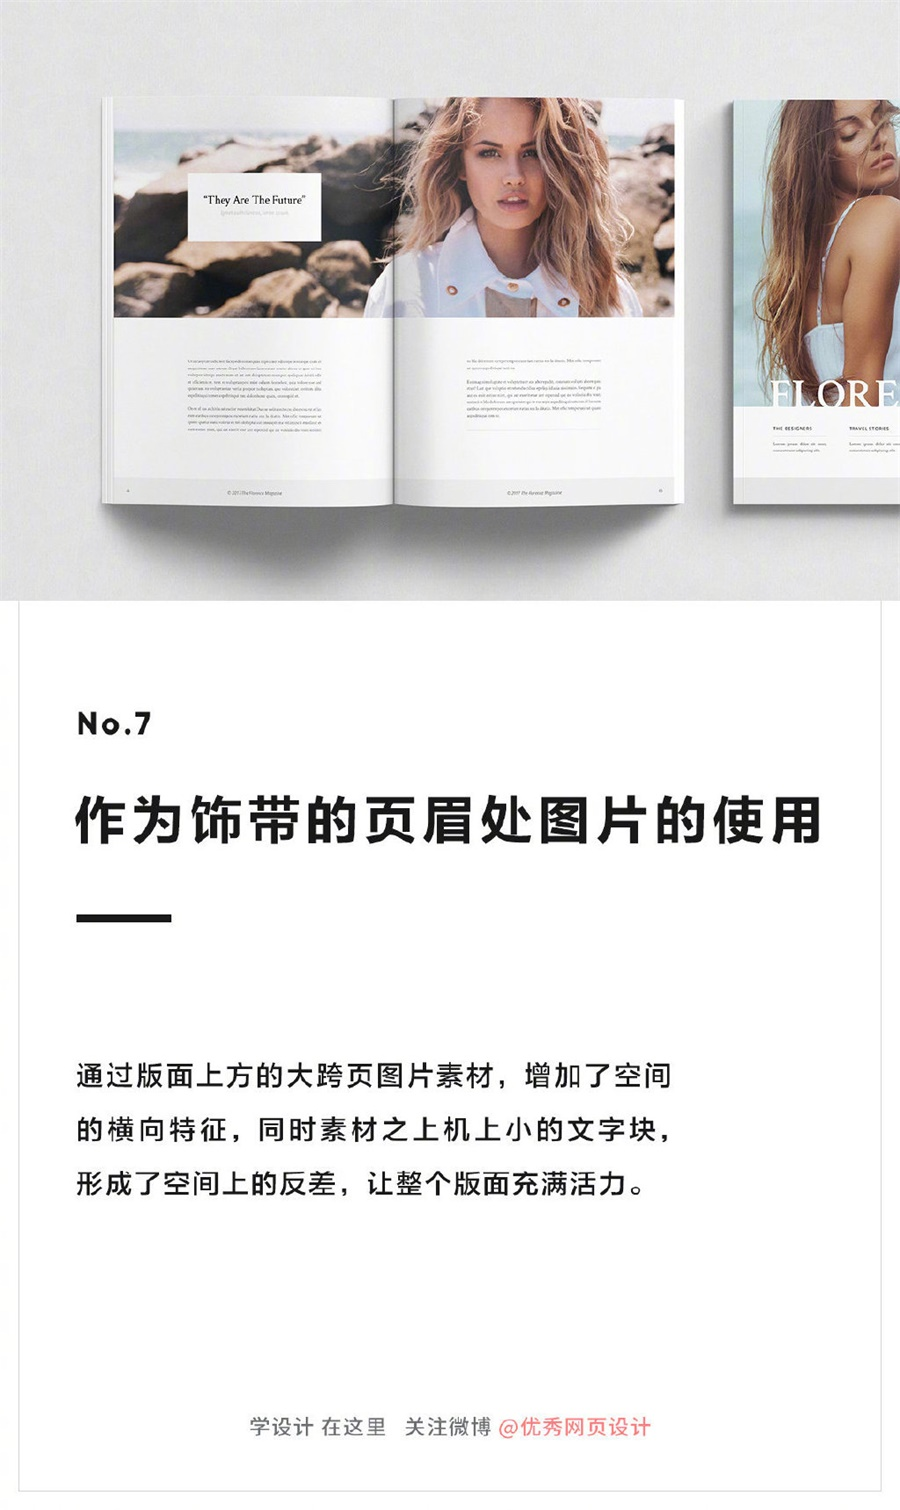 9个实用的画册设计排版小技巧(1)